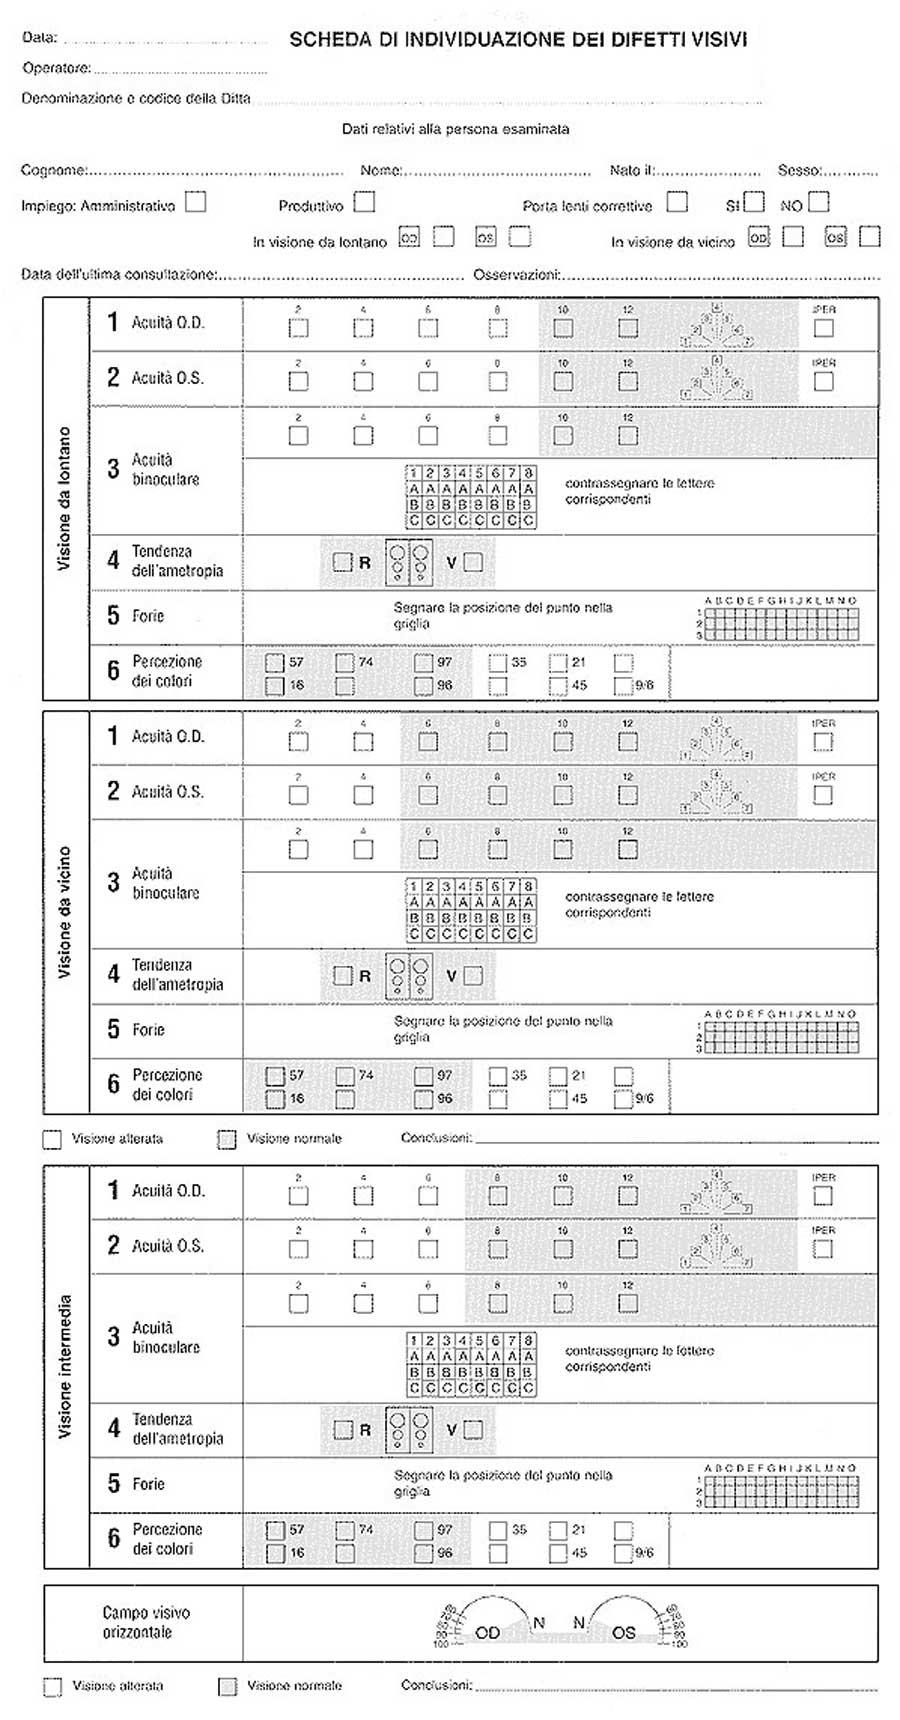 scheda individuazione difetti visivi visiotest